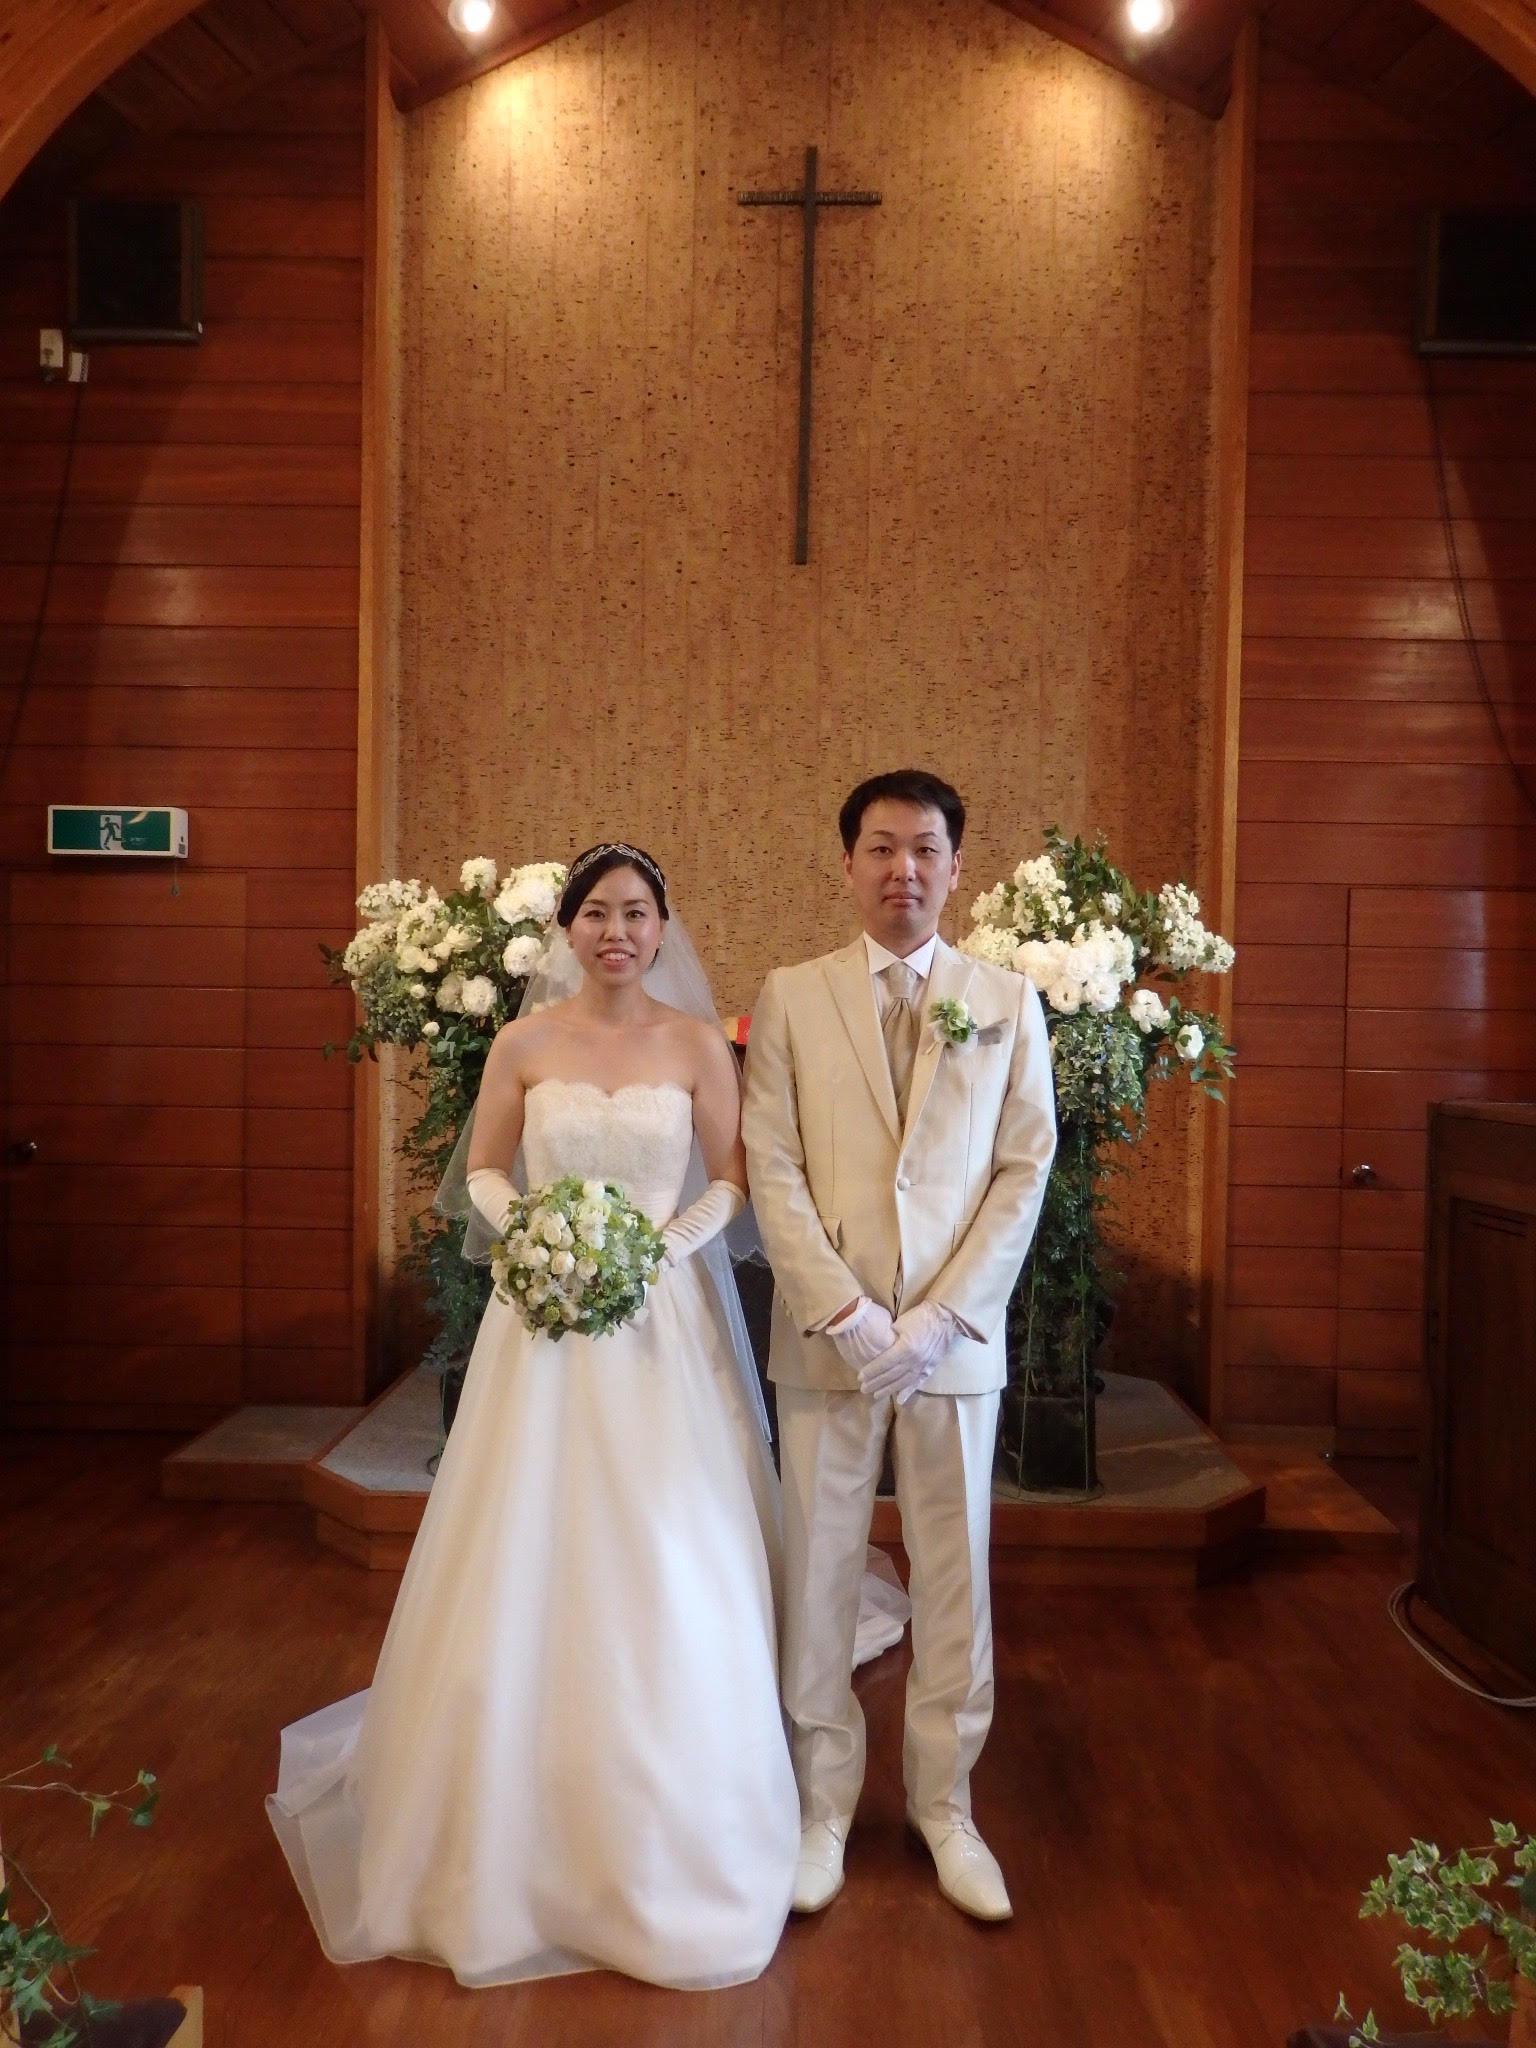 卒花嫁様アルバム 鎌倉泉水教会さまへ、挙式装花   いつも見ていた礼拝堂に_a0042928_23143636.jpg